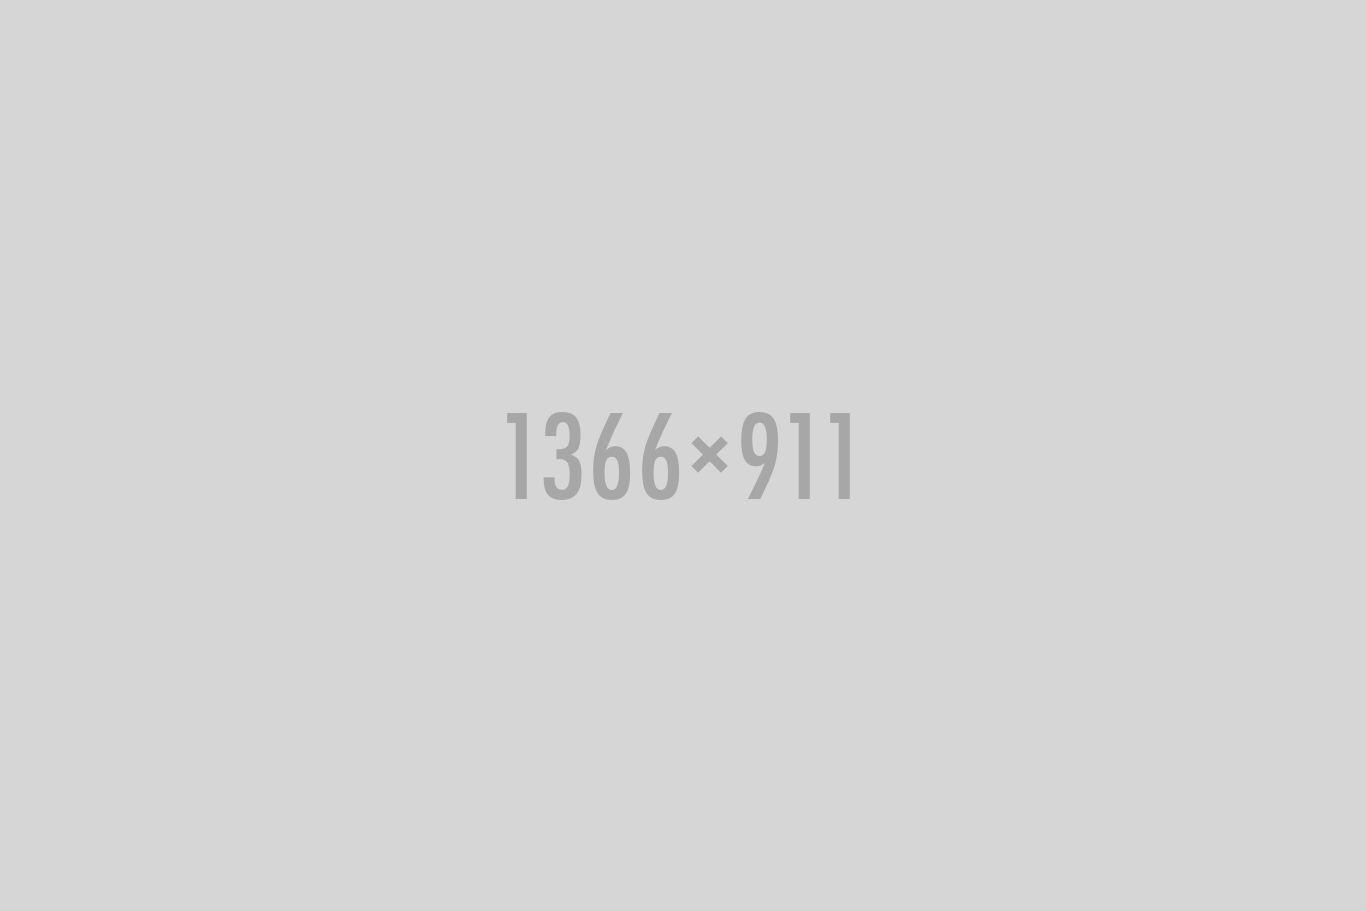 fullpage-cat04-image01